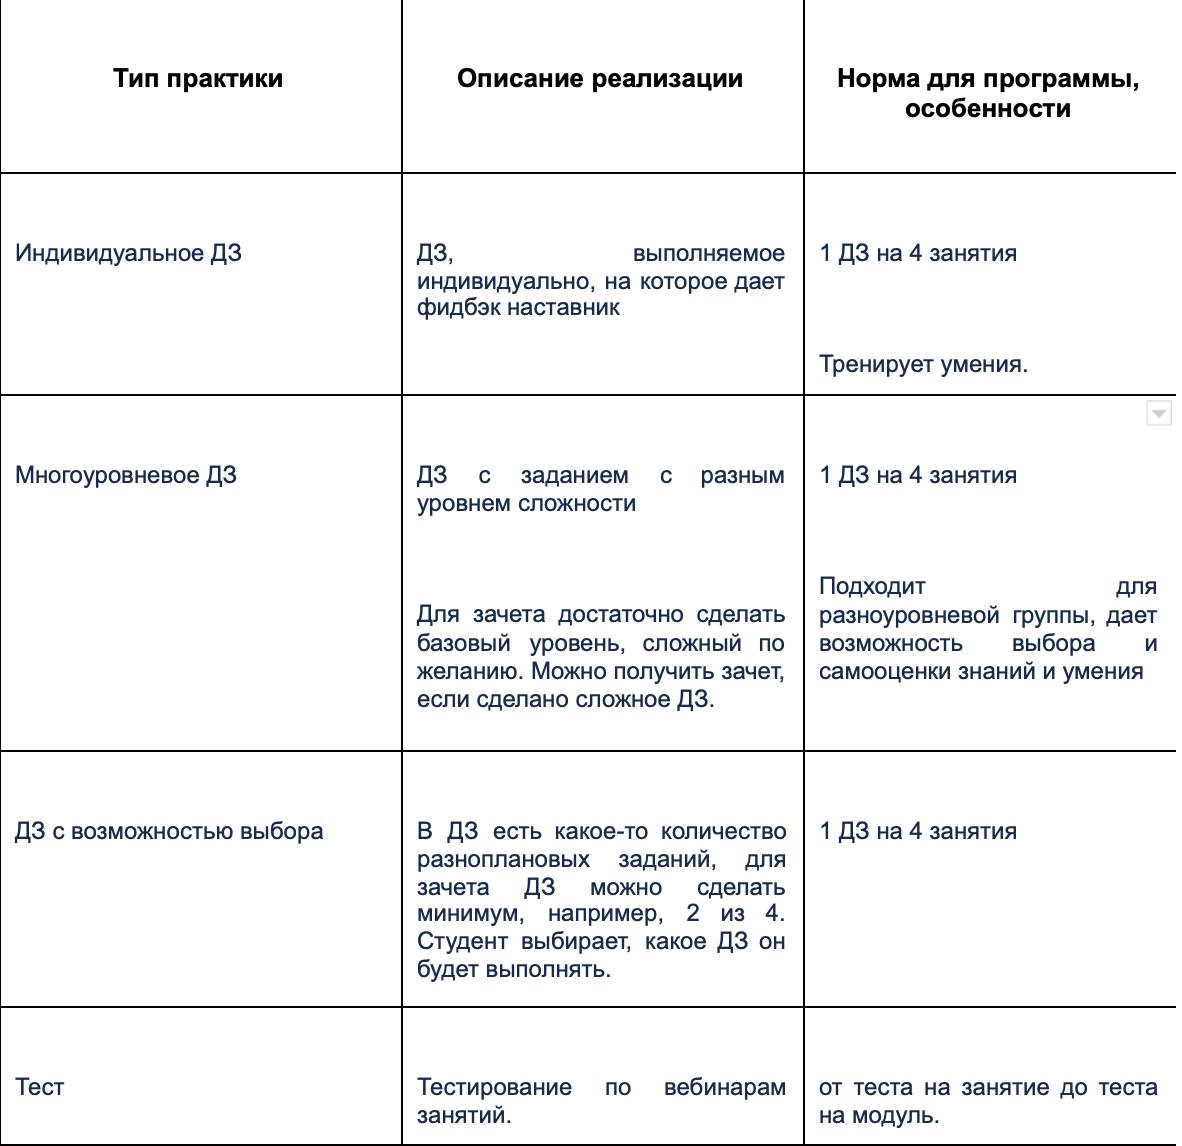 Снимок_экрана_2020_09_28_в_10.43.17-1801-4f32f1.png